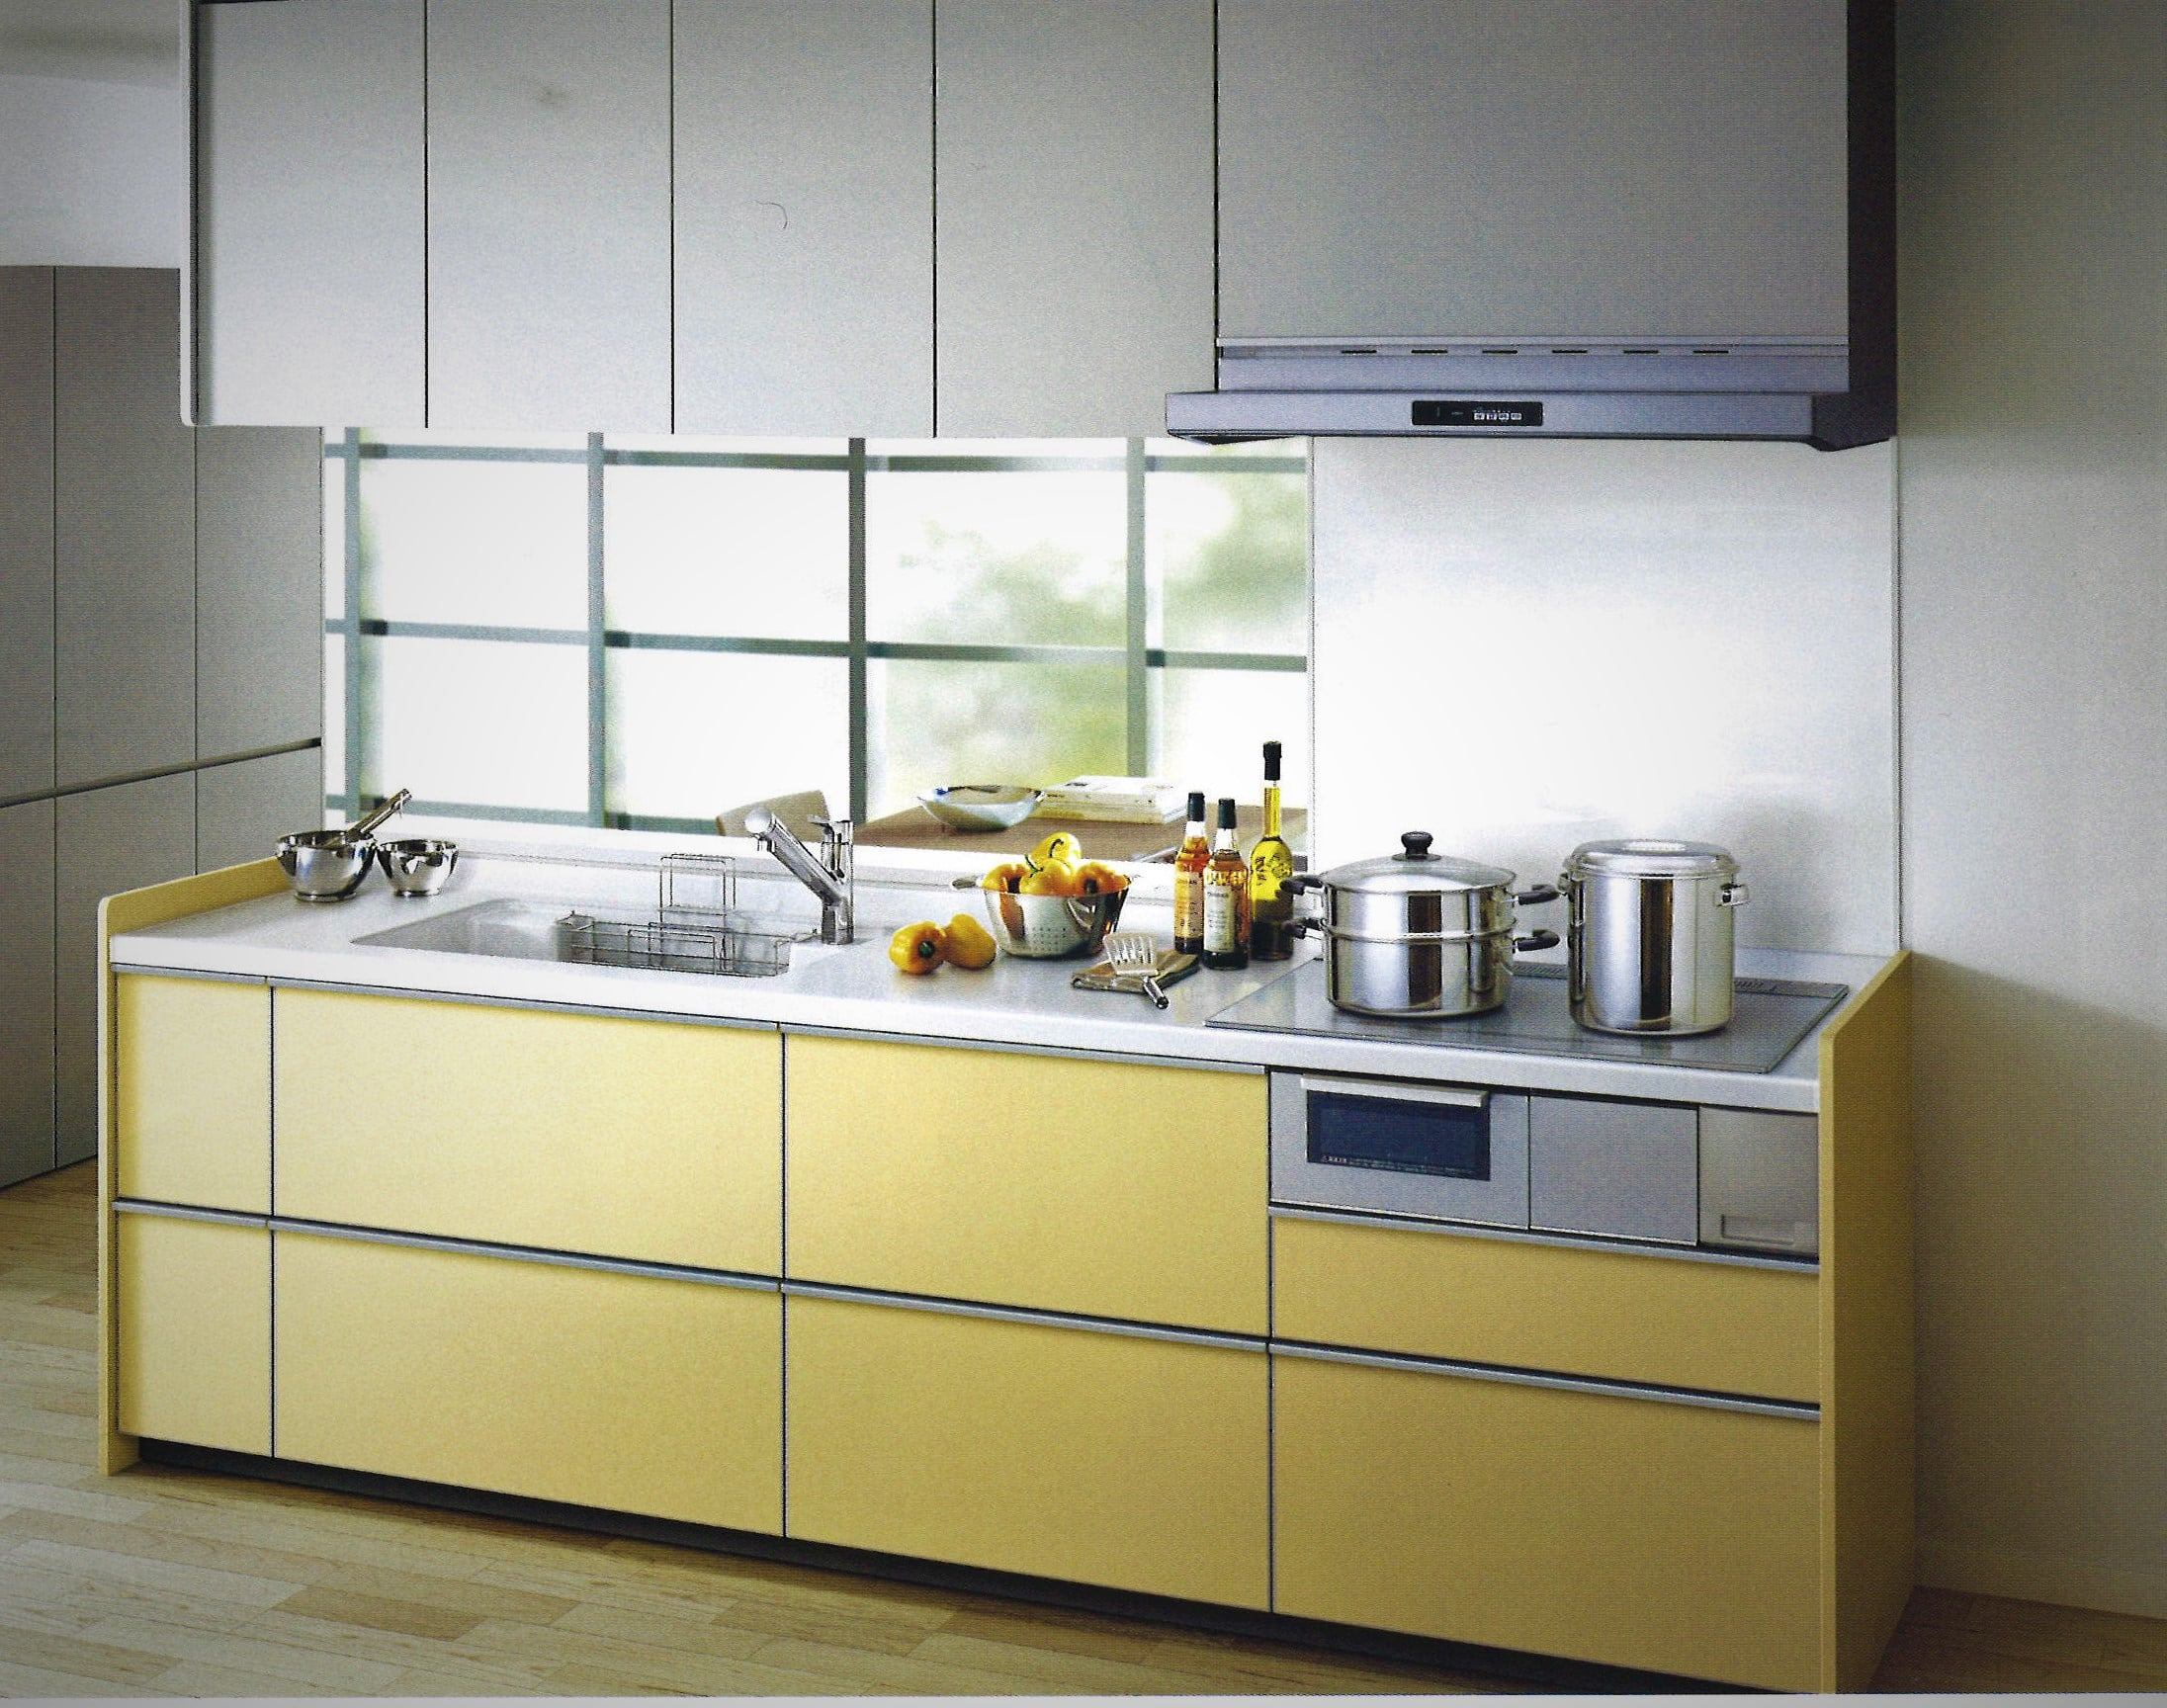 TOTO 造作対面キッチン 鮫島工業施工施工費込み リフォーム商品プランのイメージその1